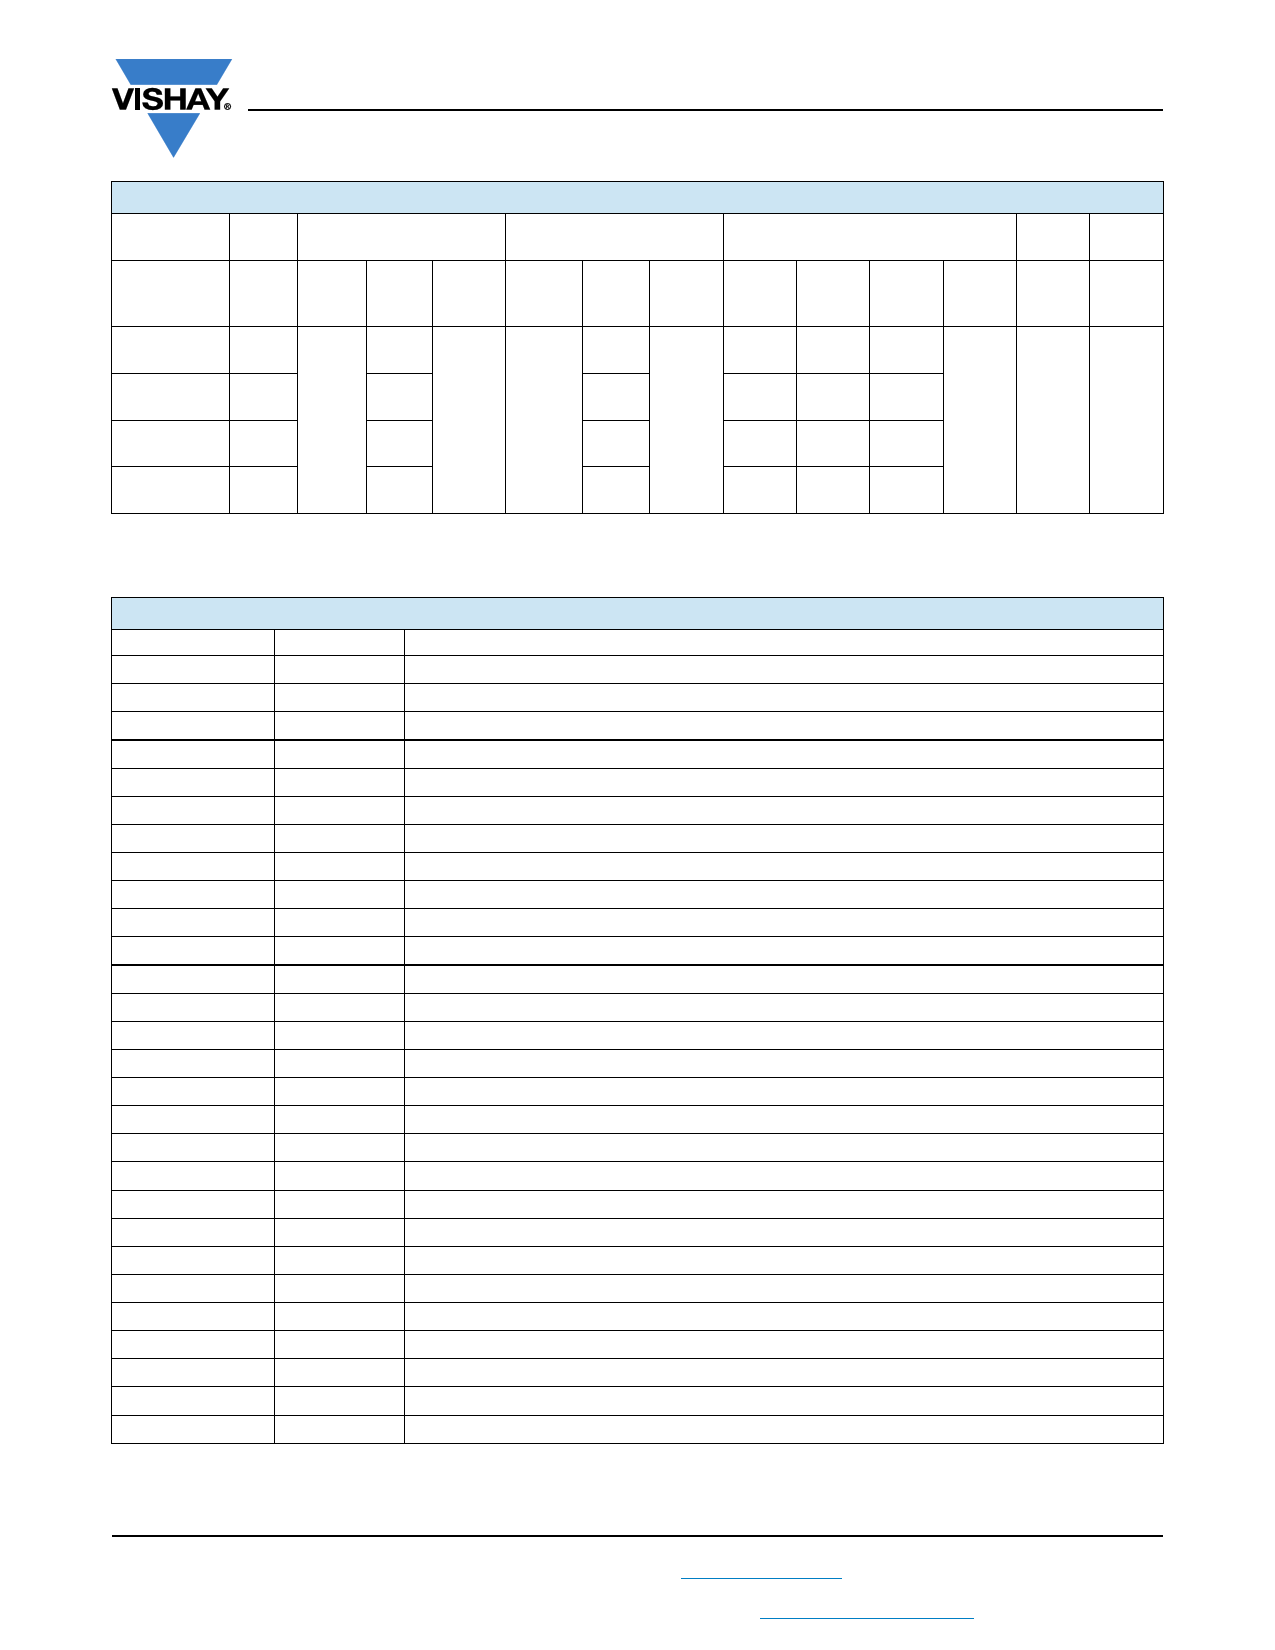 199D156Xxxxx pdf, 電子部品, 半導体, ピン配列